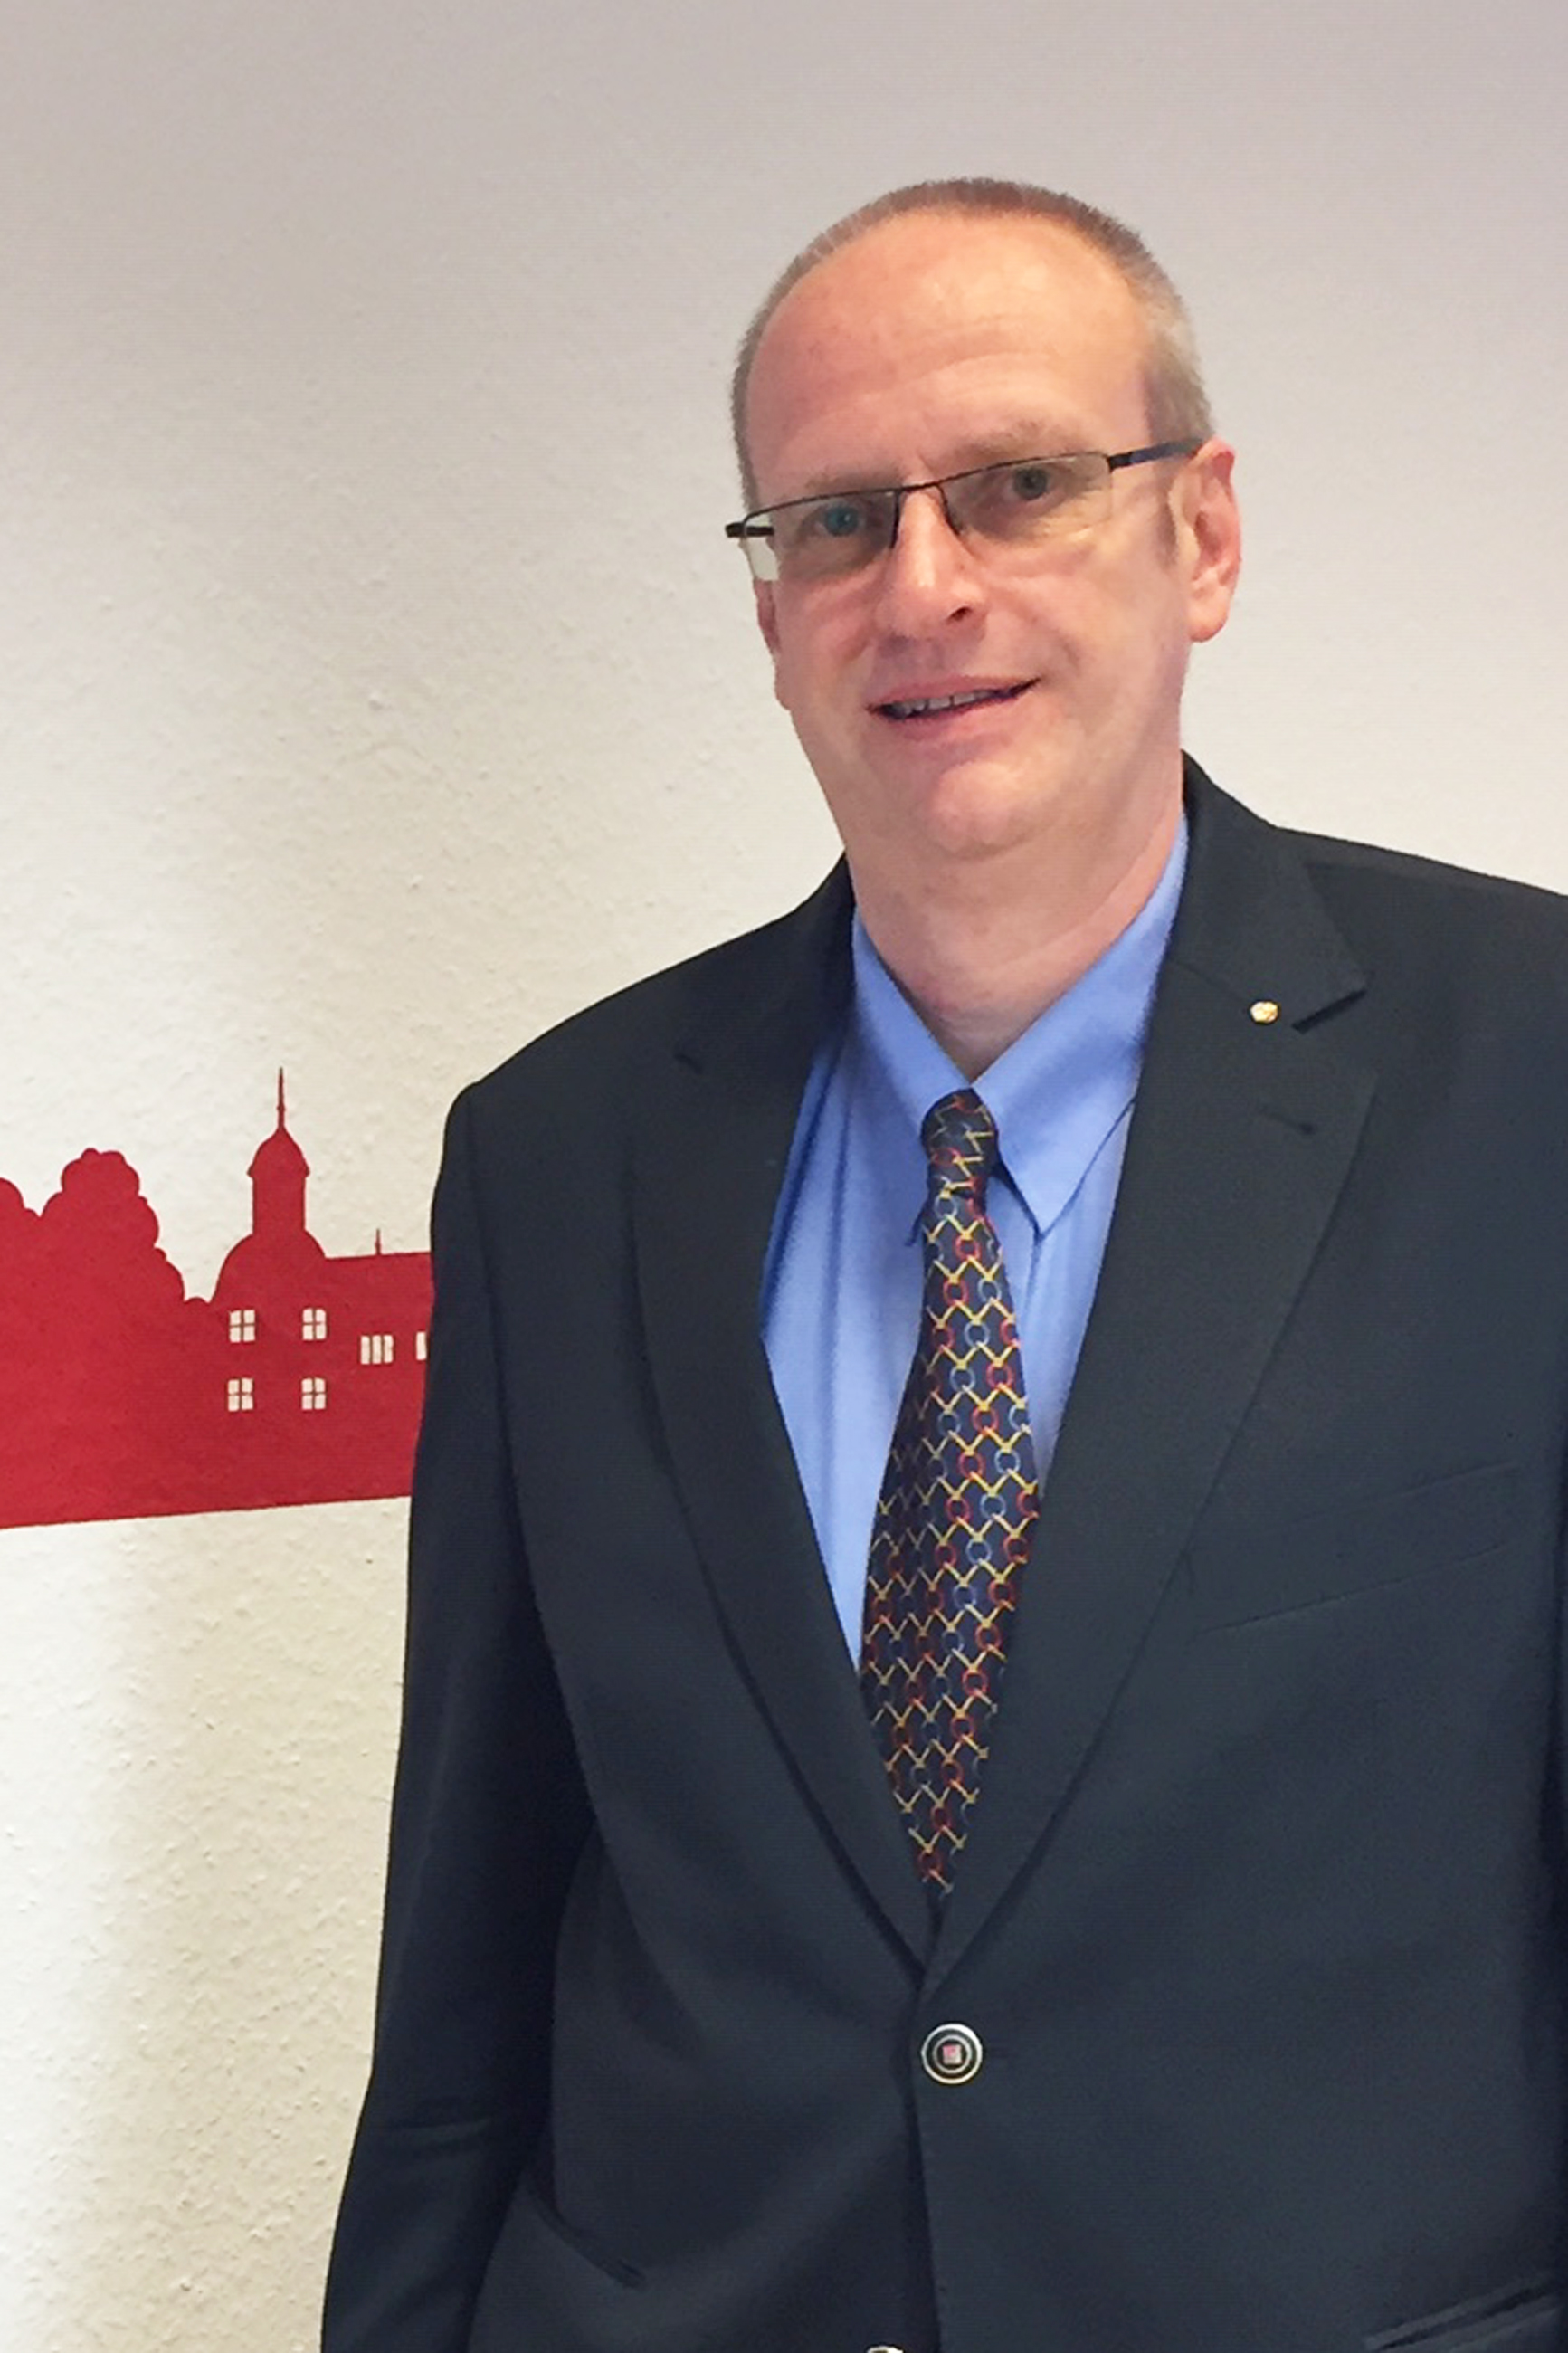 Dietmar Krämer